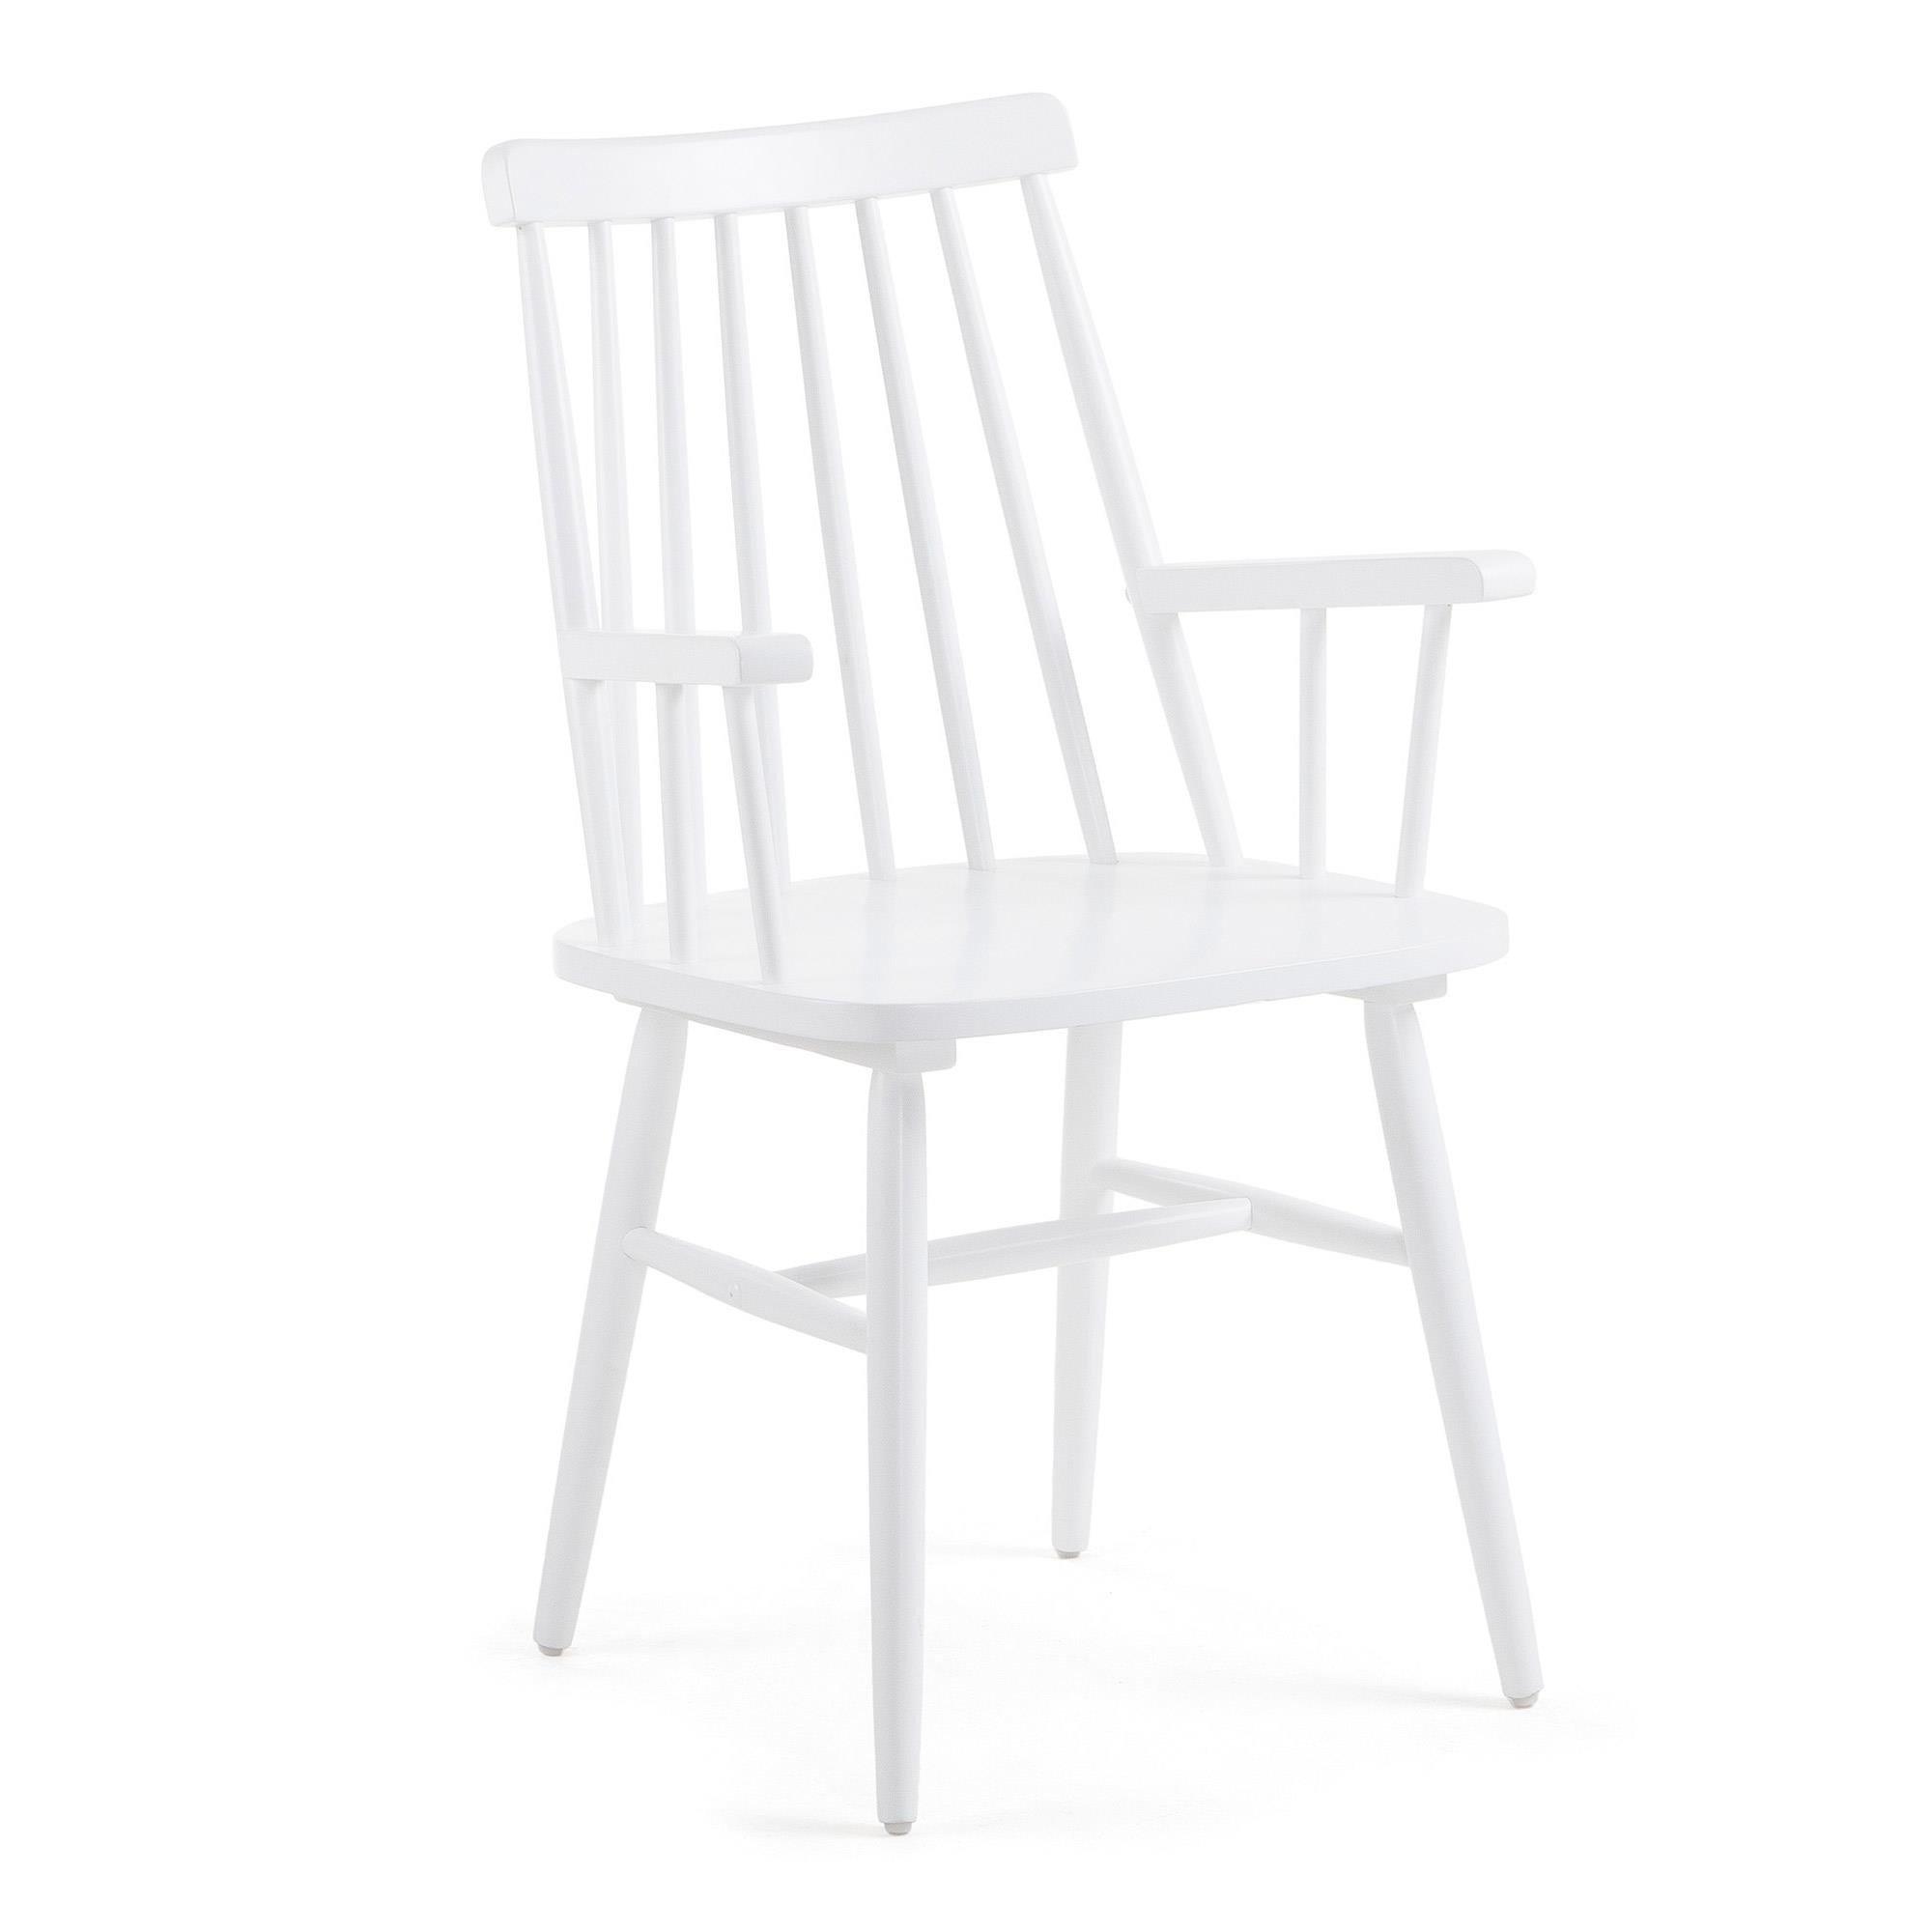 Krzesło ESTRA 53x51 kolor biały